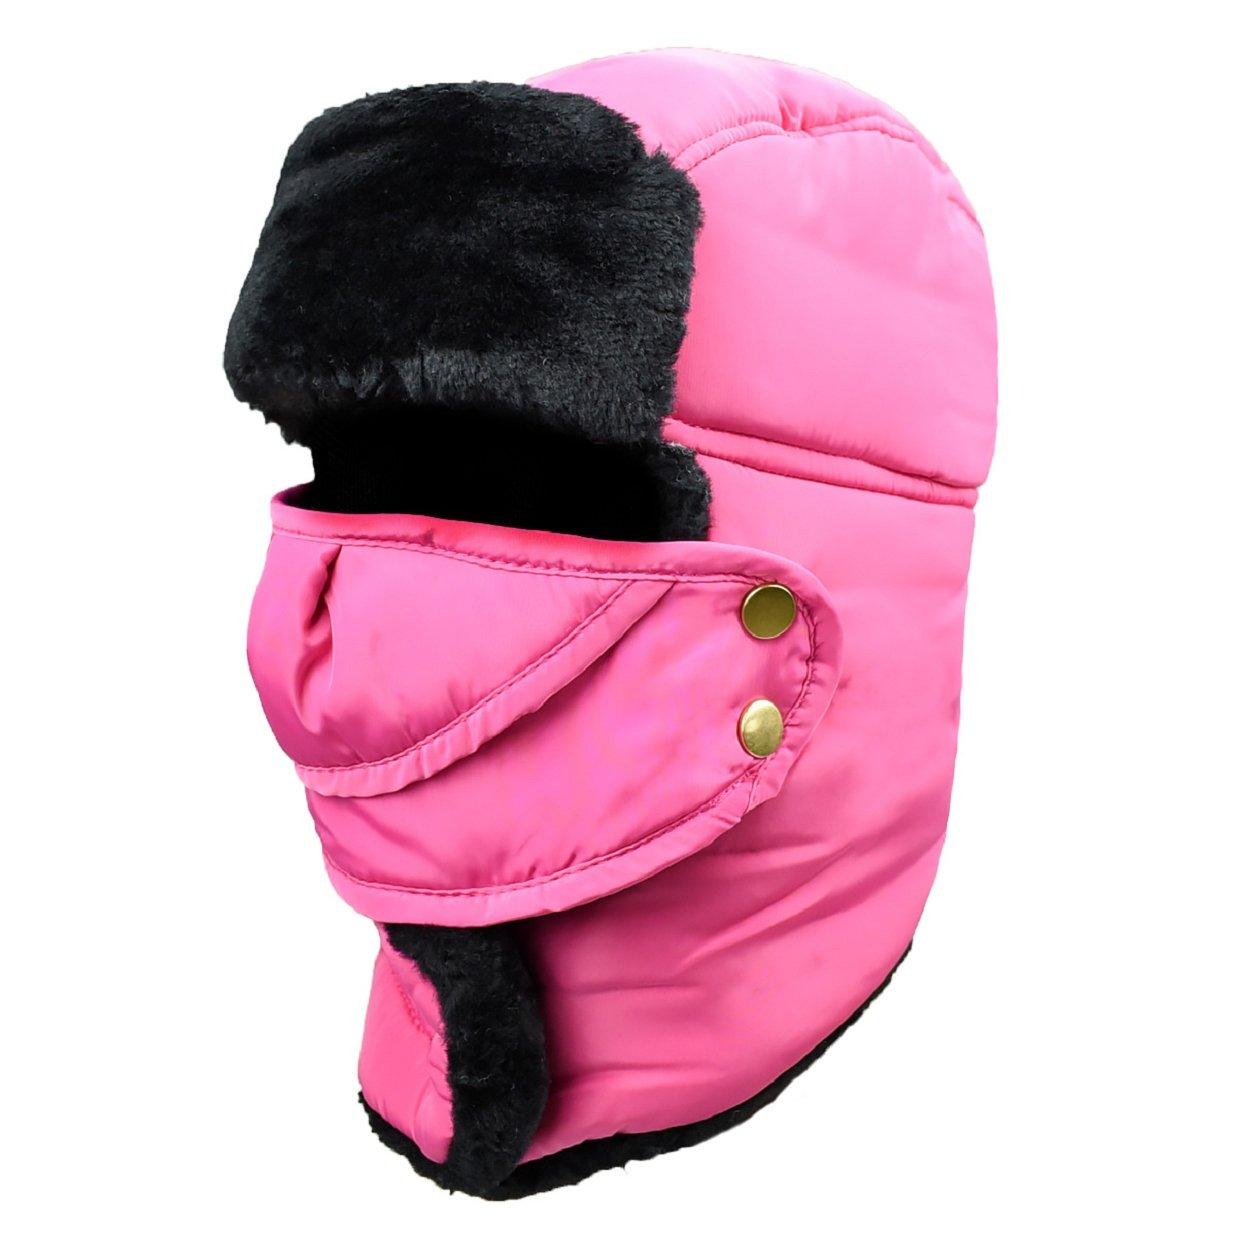 Unisex Sombrero de Invierno Sombrero de Felpa Sombrero a Prueba de Viento  Sombrero Caliente Gorro Antipolvo f88ab1dec79